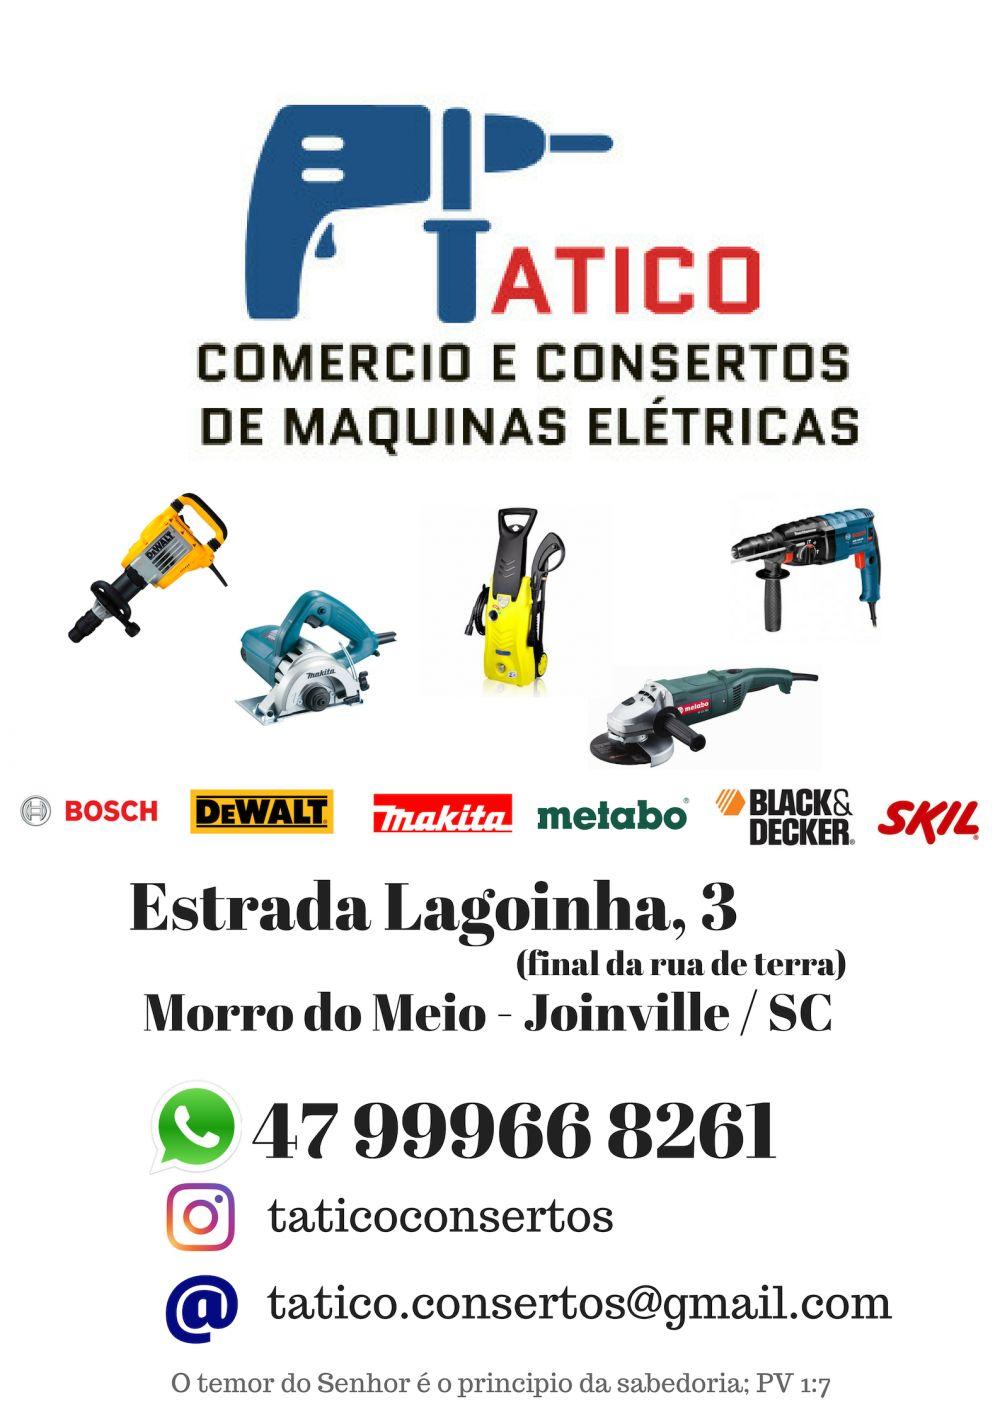 Tatico comercio e consertos de maquinas elétricas